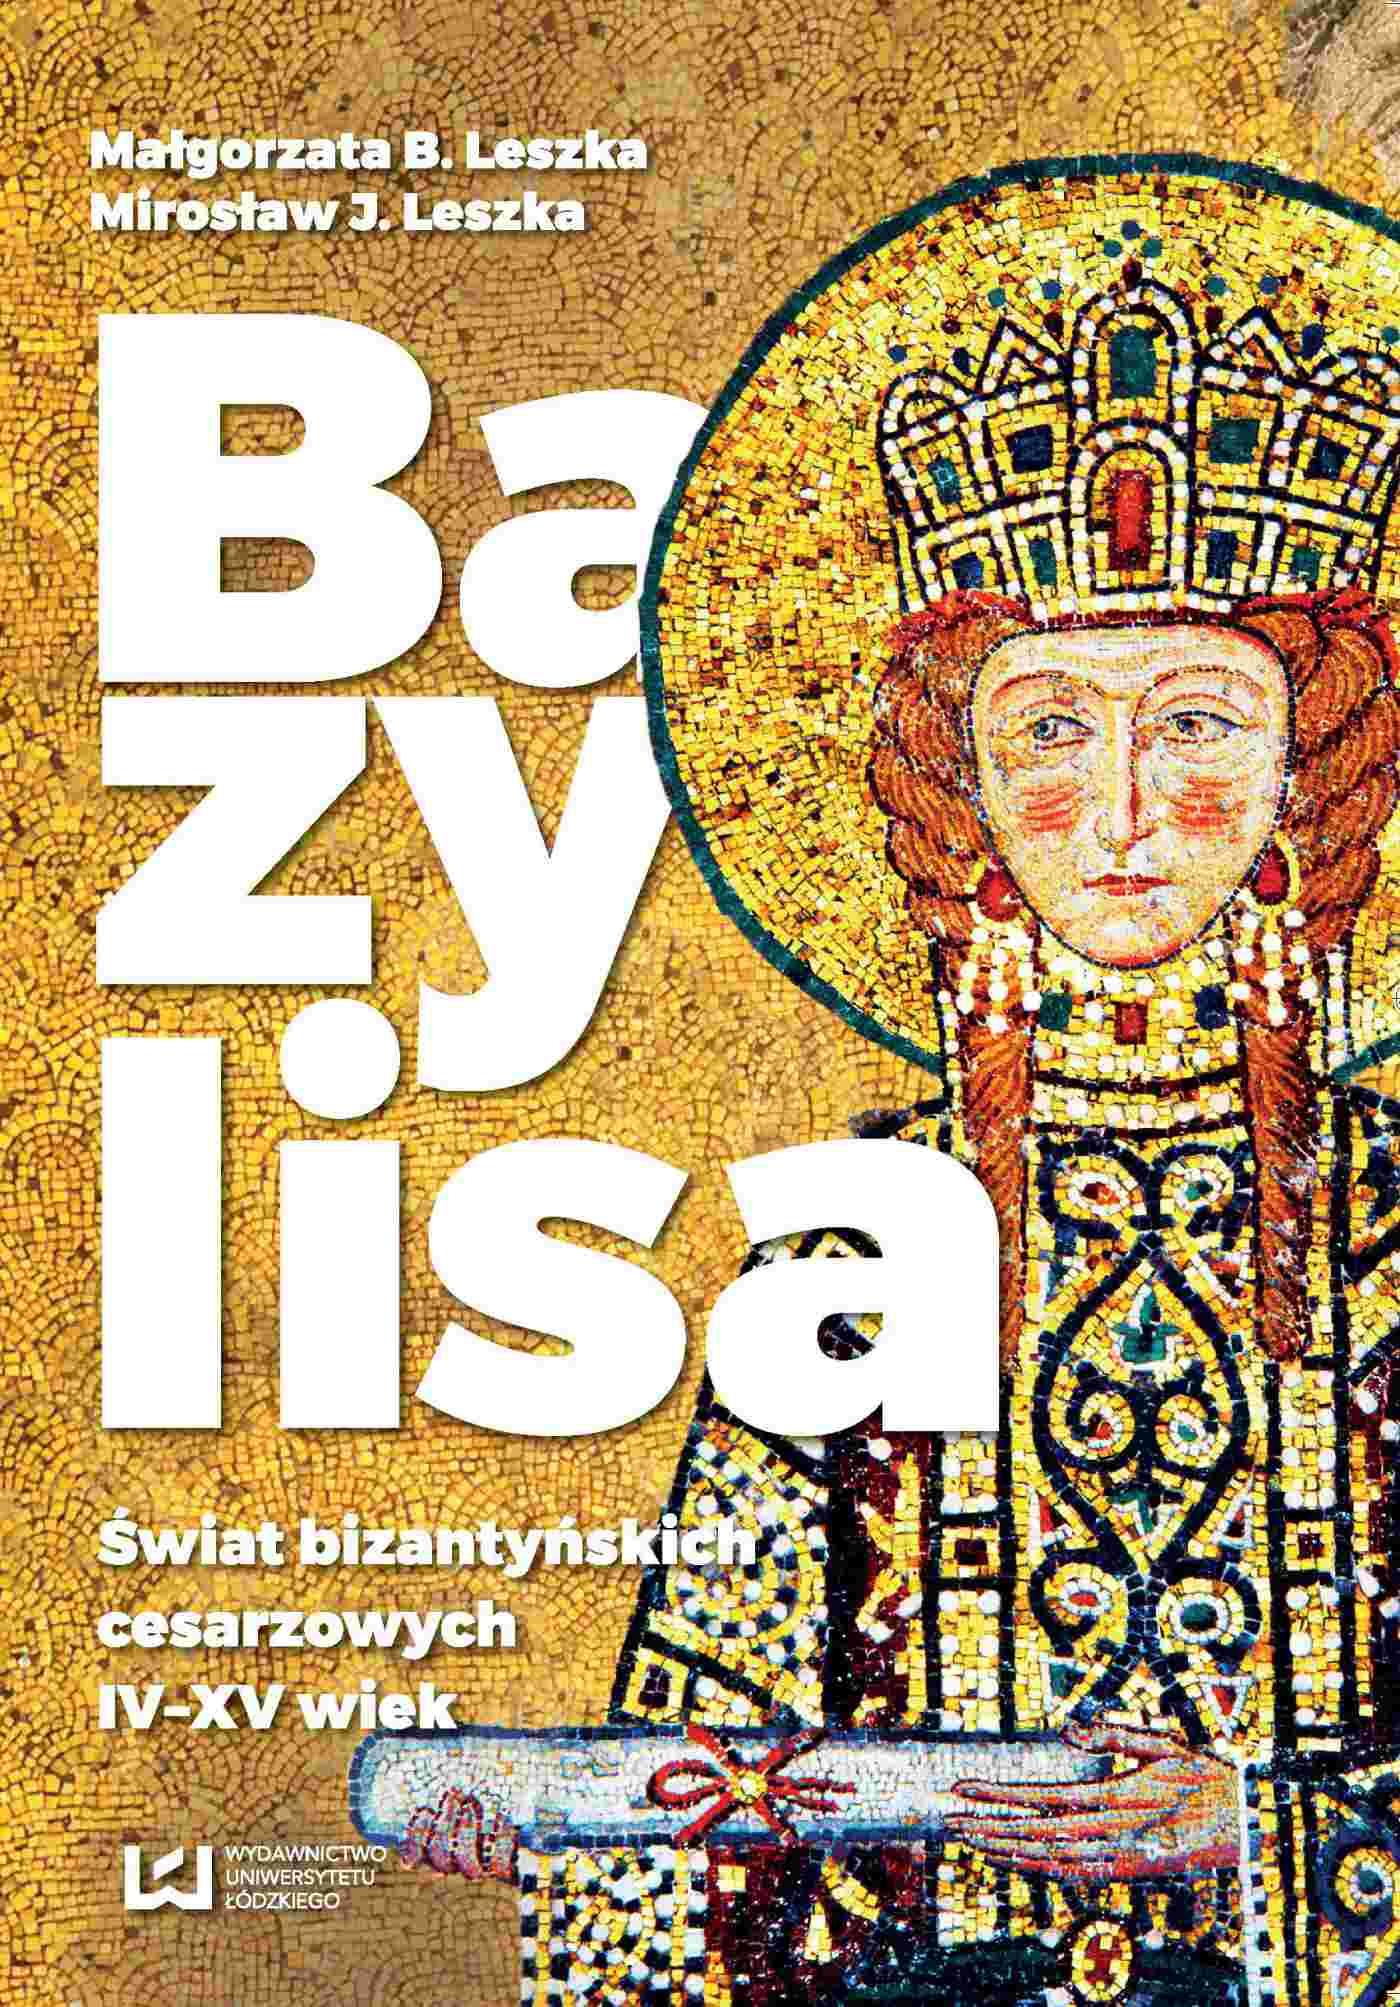 Bazylisa. Świat bizantyńskich cesarzowych (IV-XV wiek) - Ebook (Książka EPUB) do pobrania w formacie EPUB